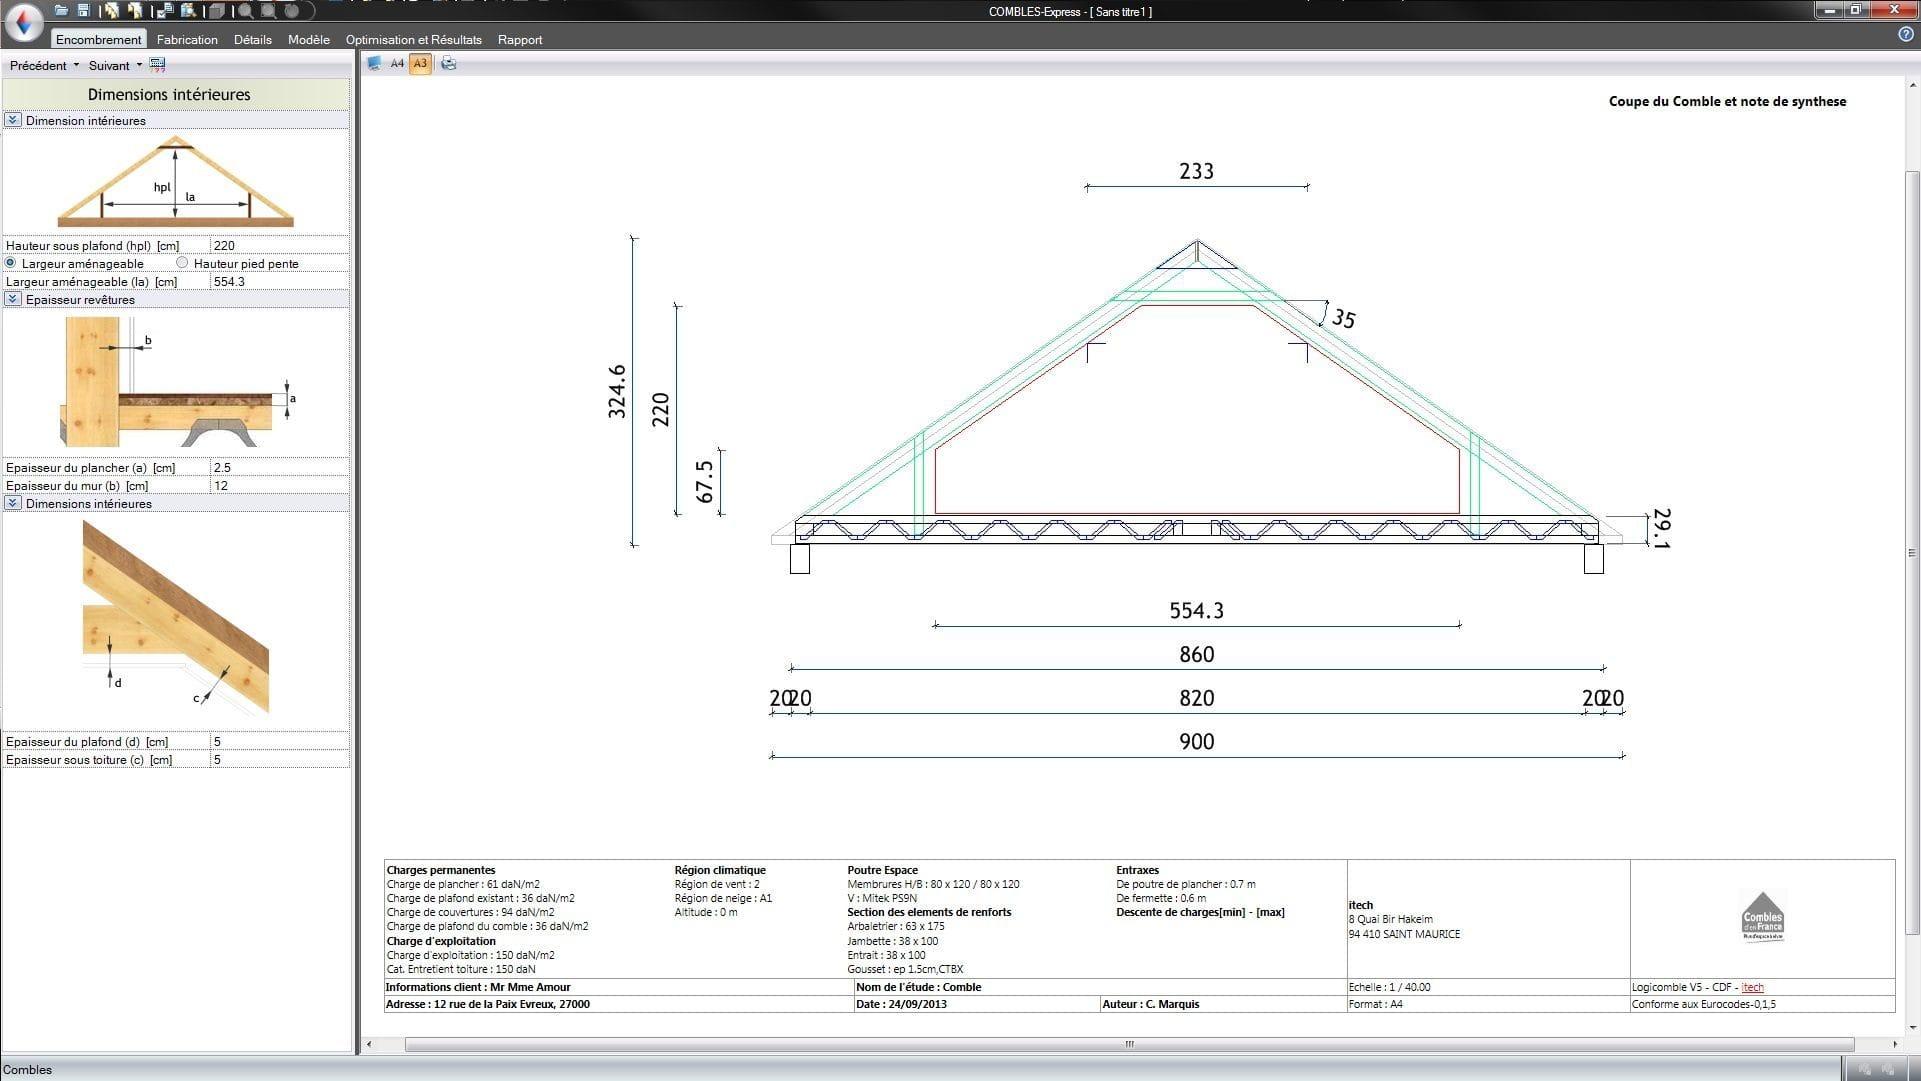 table basse simili cuir pas cher paris simulateur de travaux routier soci t ycjrvz. Black Bedroom Furniture Sets. Home Design Ideas